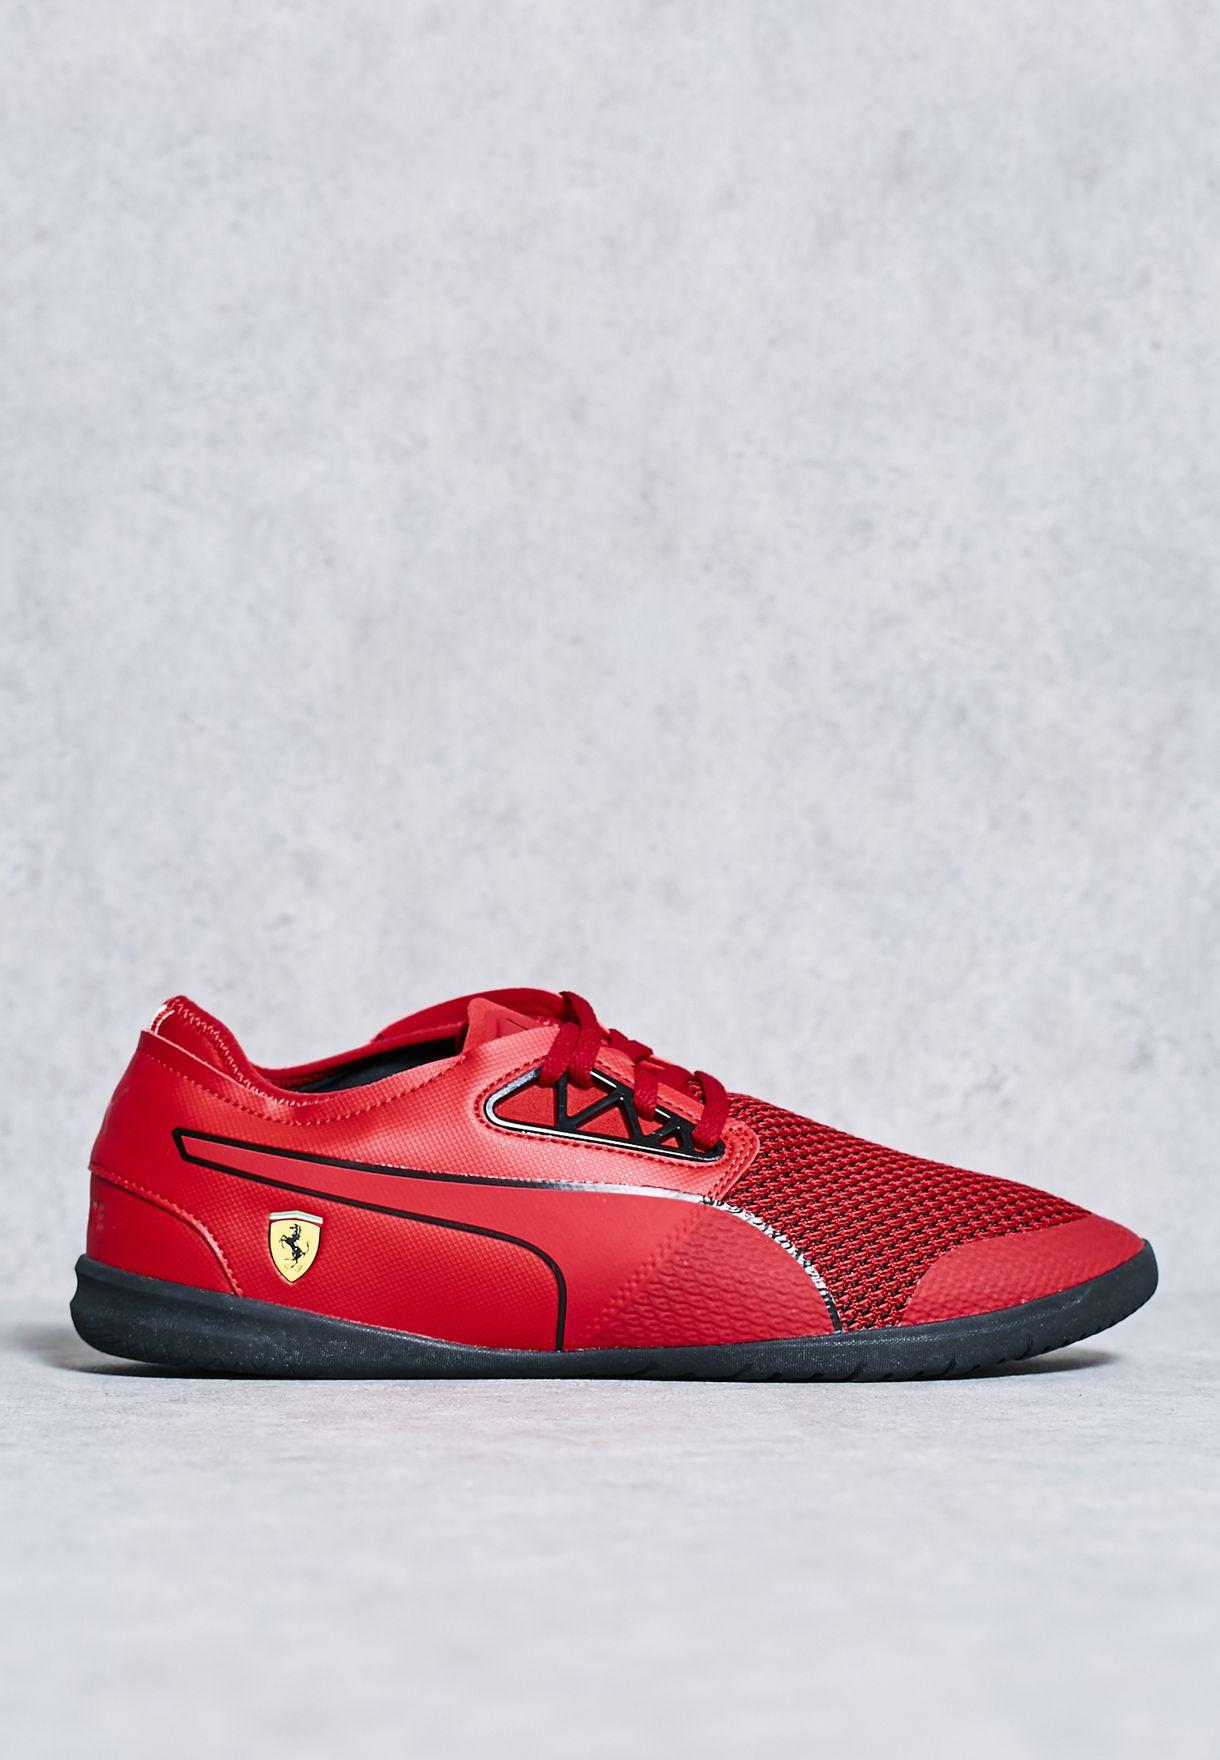 4e0a6647792d23 Shop PUMA red Changer Ignite SF Statement 30578002 for Men in Saudi -  PU020SH91MNW